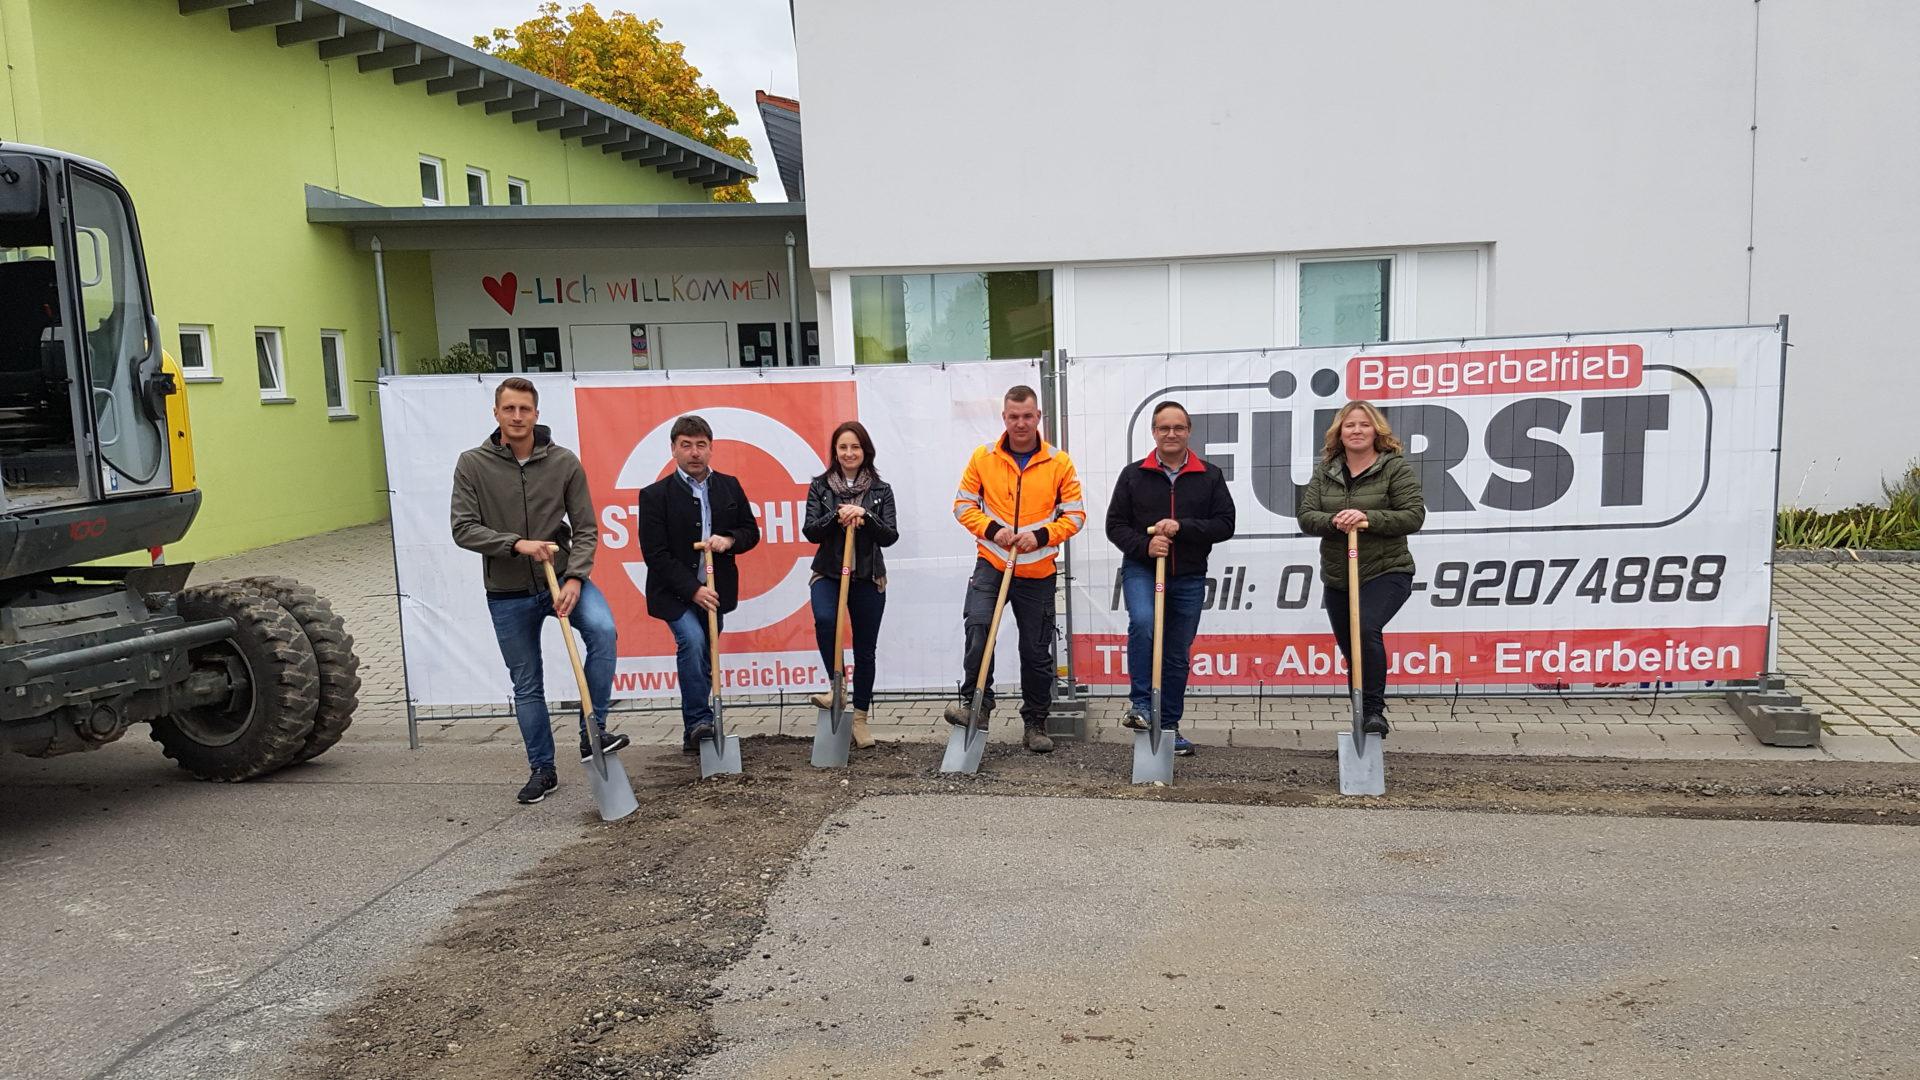 Bürgermeister Alfons Neumeier (2.v.l.), mit Bauamtsleiterin Ramona Trinker (3.v.l), Bauleiterin der Firma Streicher Martina Burmberger (r.) Mathias Stierstorfer (ESB)(l.) und Vertretern der Firma Fürst.